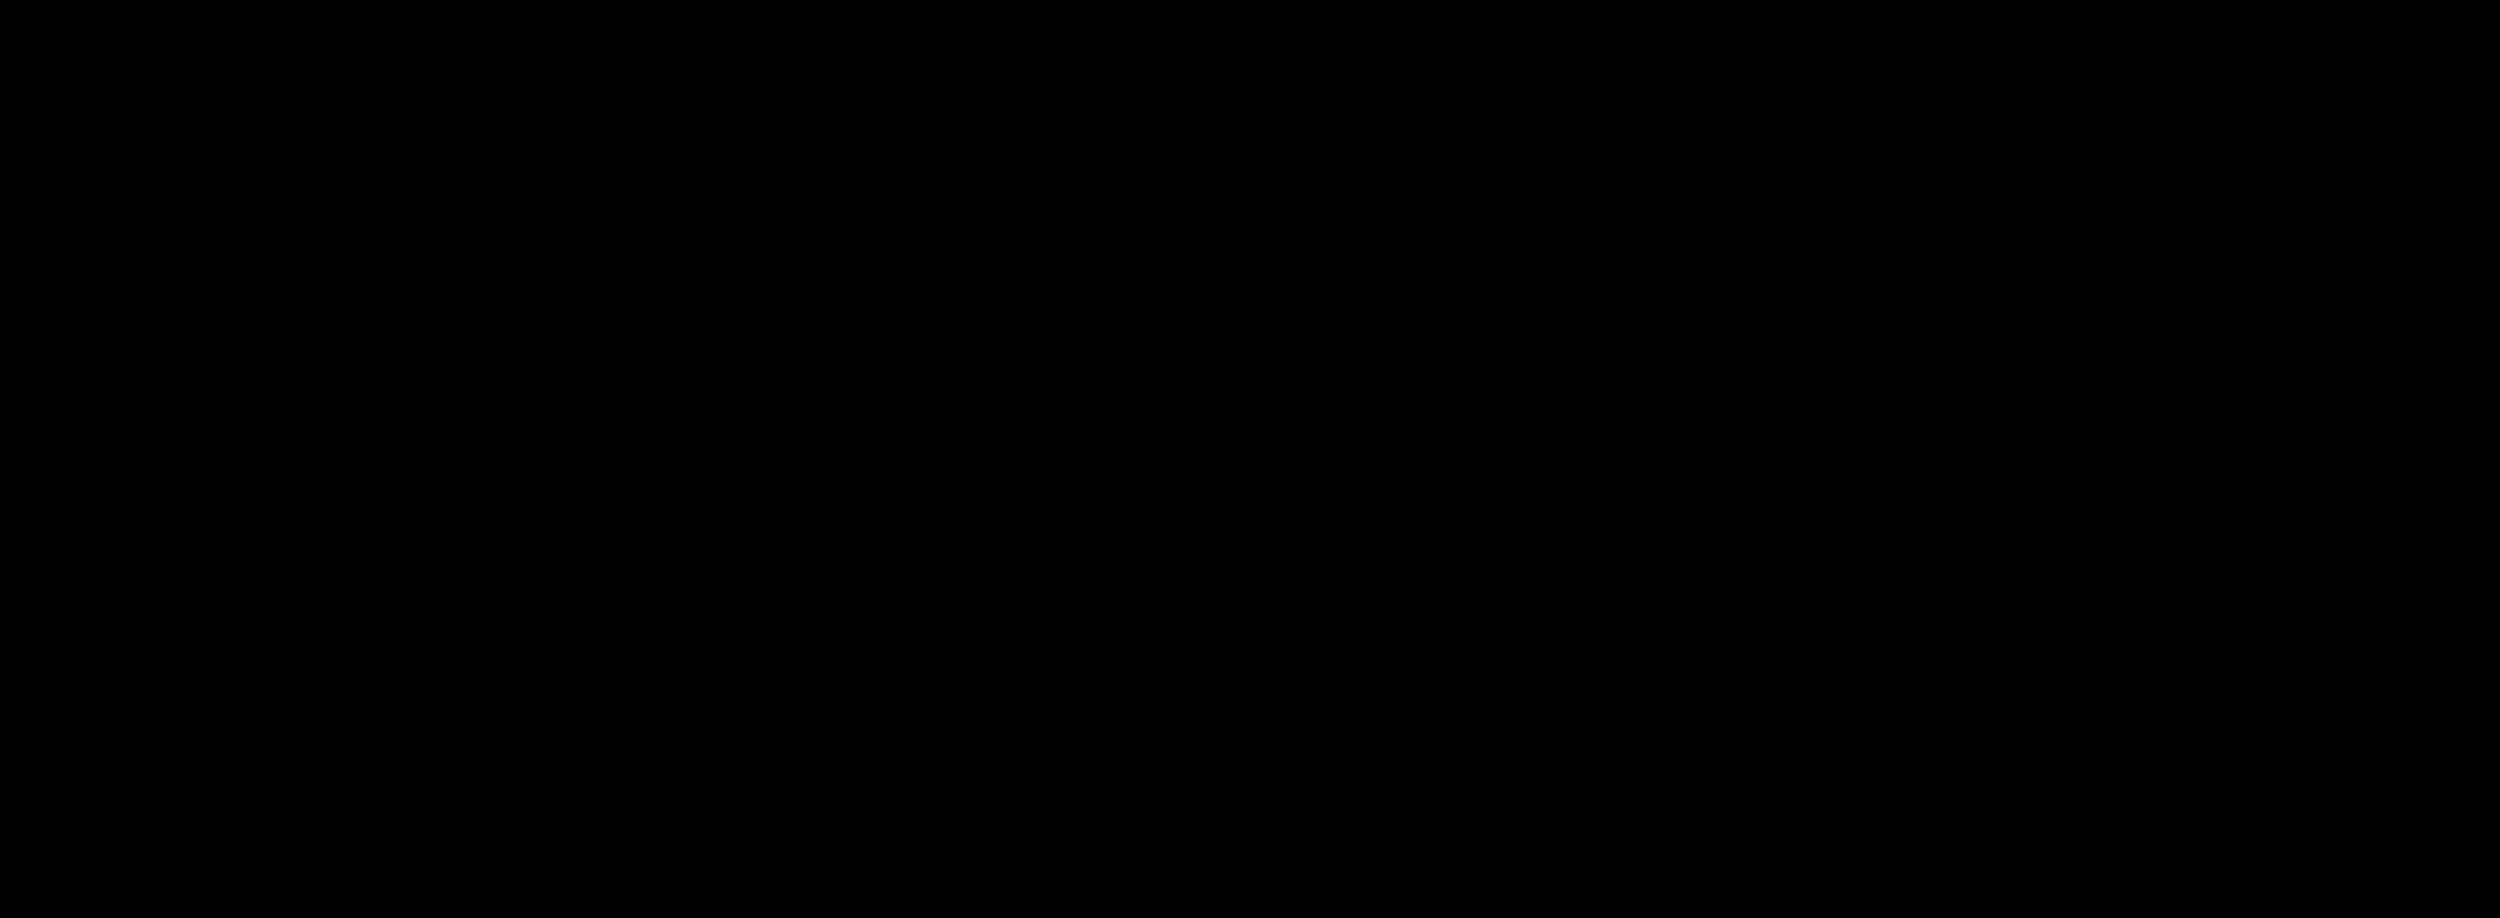 OITF-AR4E_logo.png